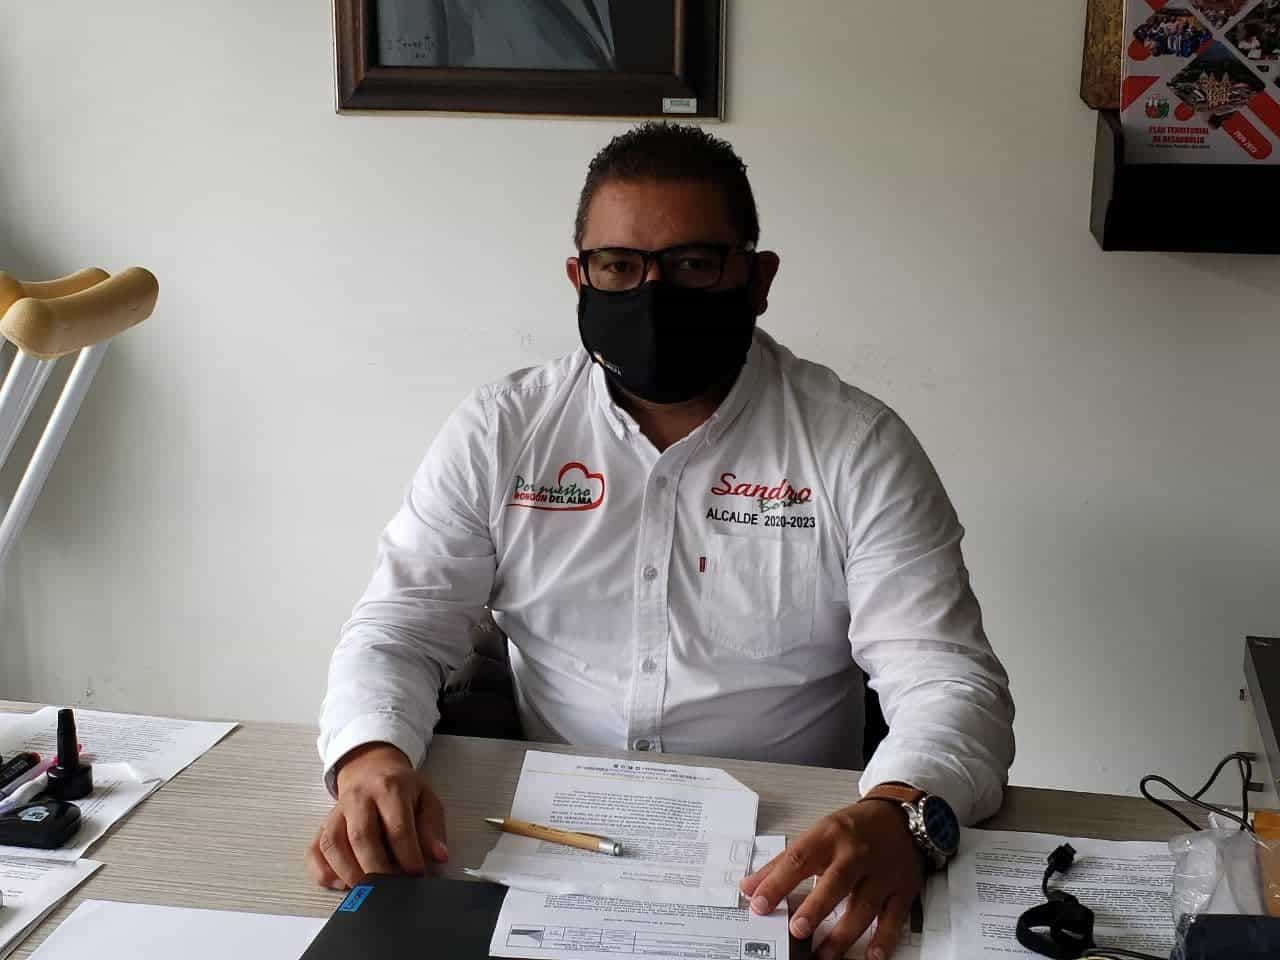 Habla el alcalde de Rondón, uno de los cinco municipios que hasta anoche era No COVID #LaEntrevista #LoDijoEn7días 2